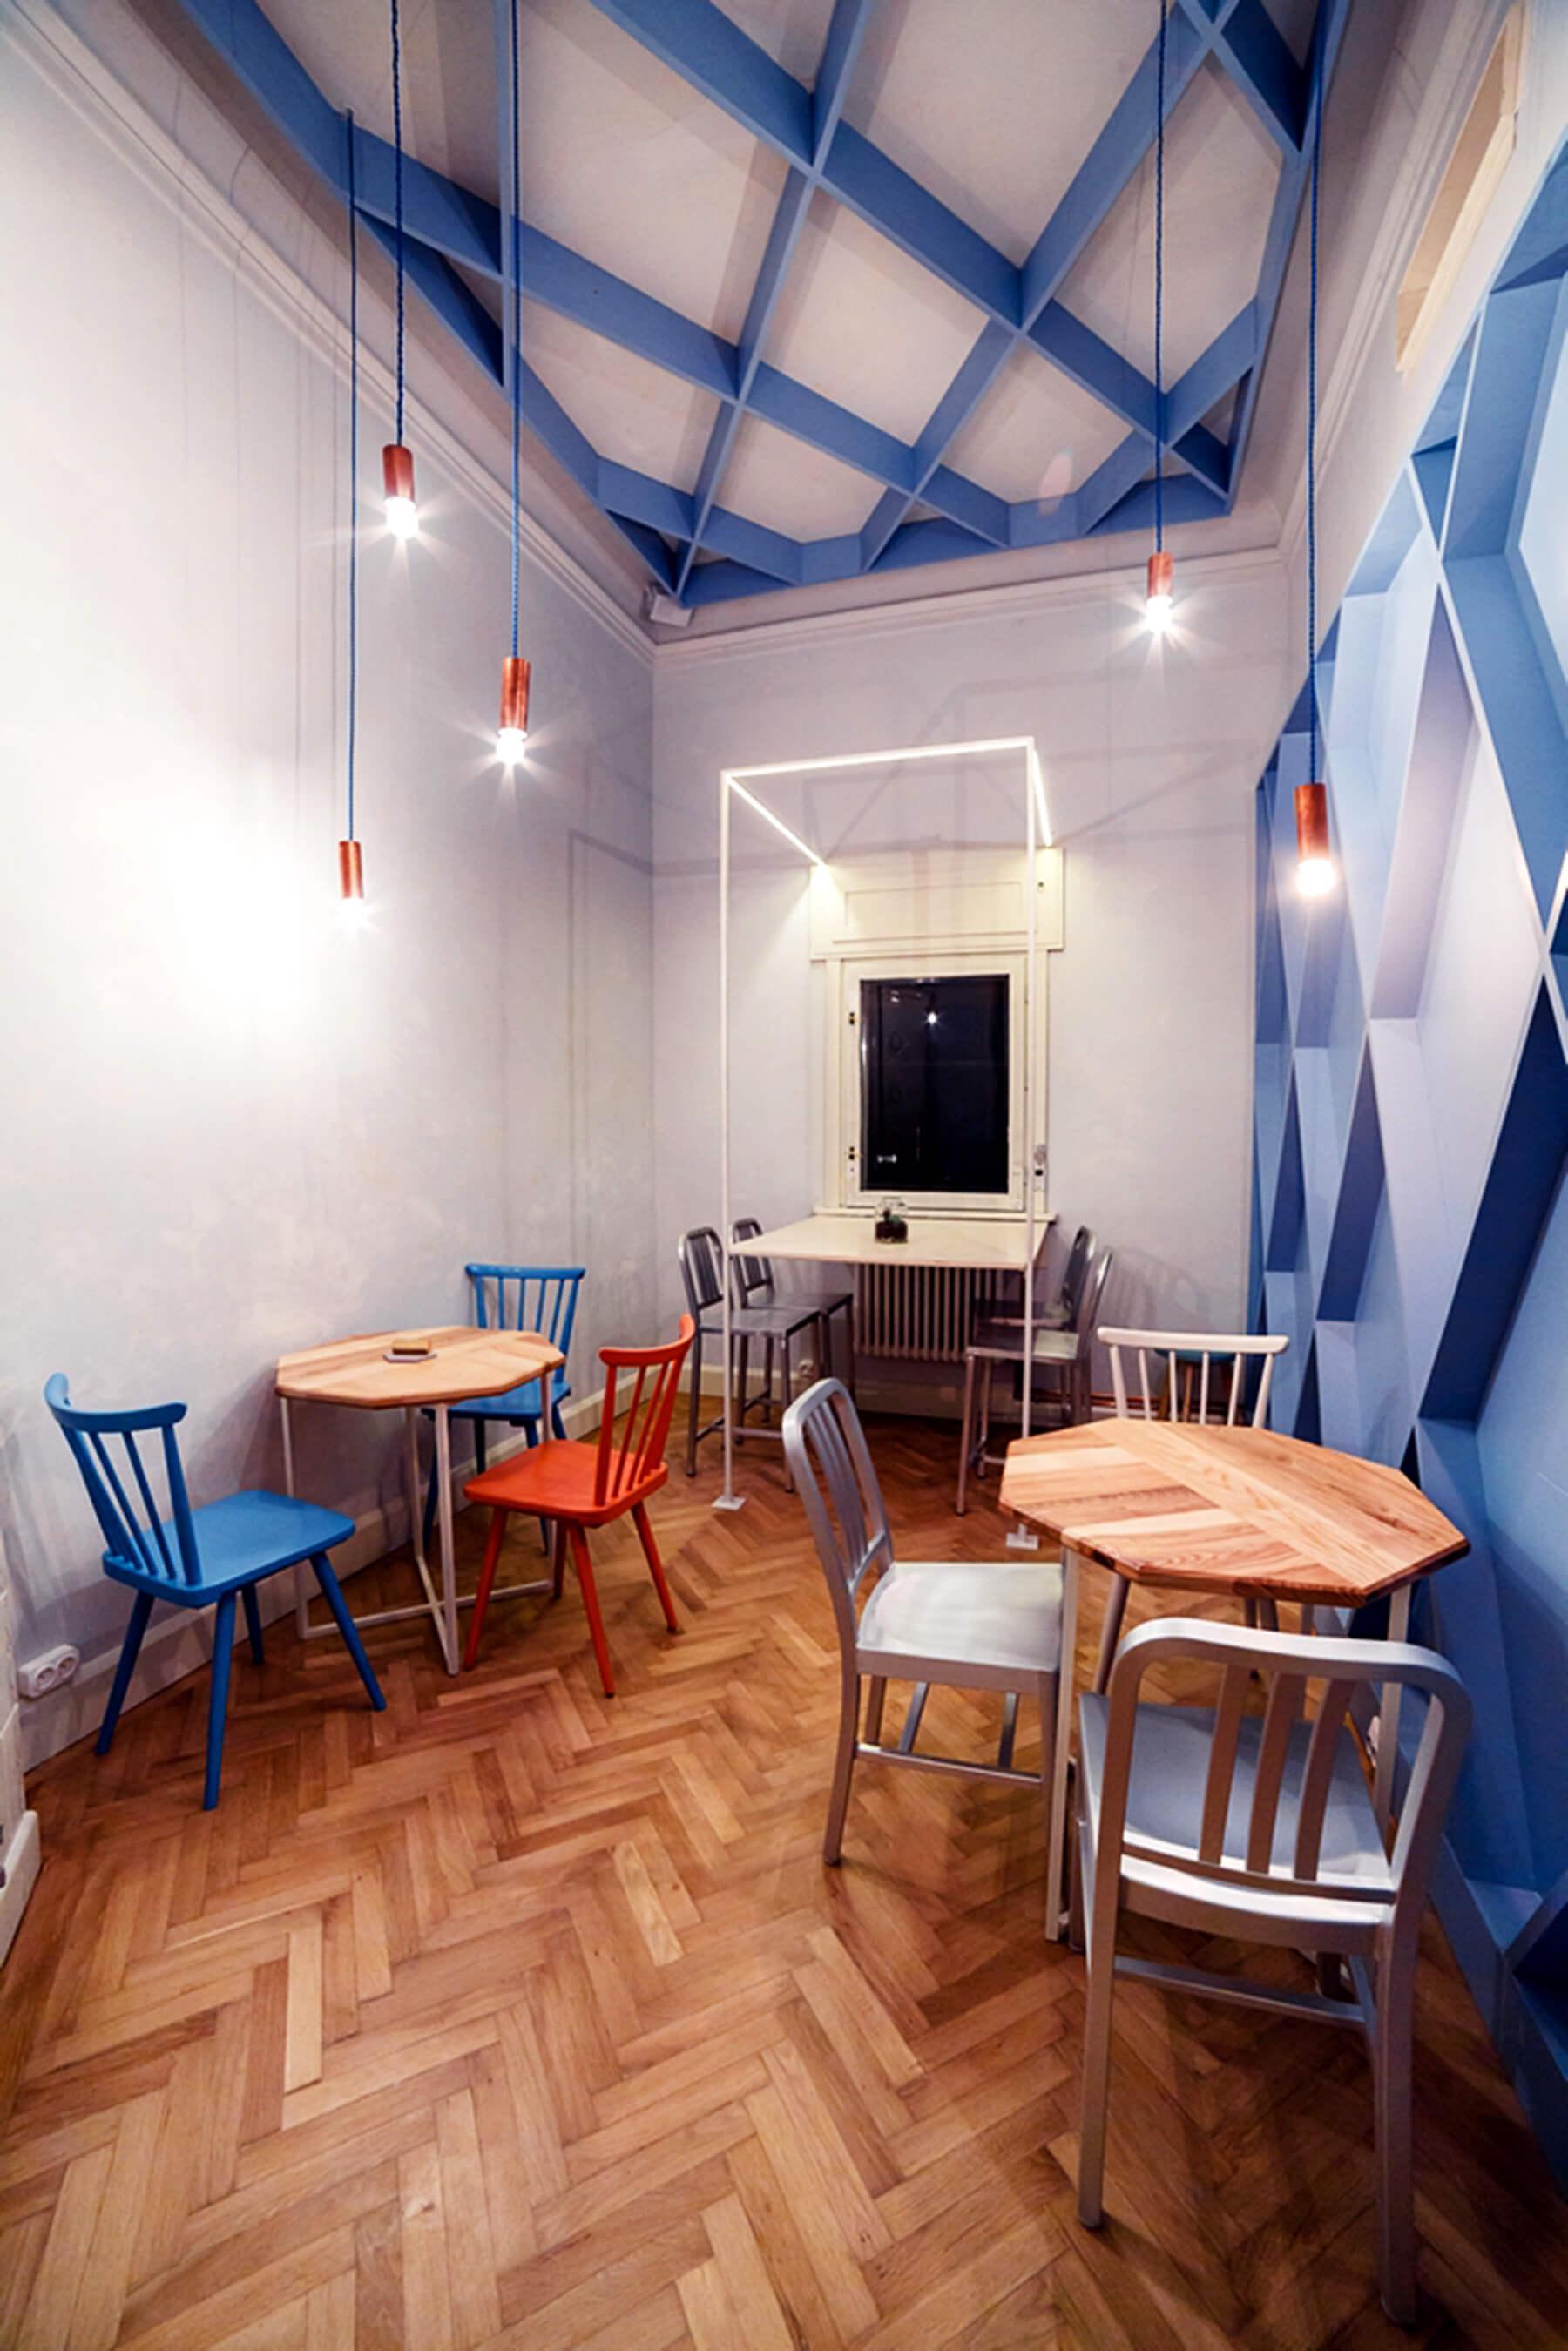 Restaurant Concept Kitchen 00008